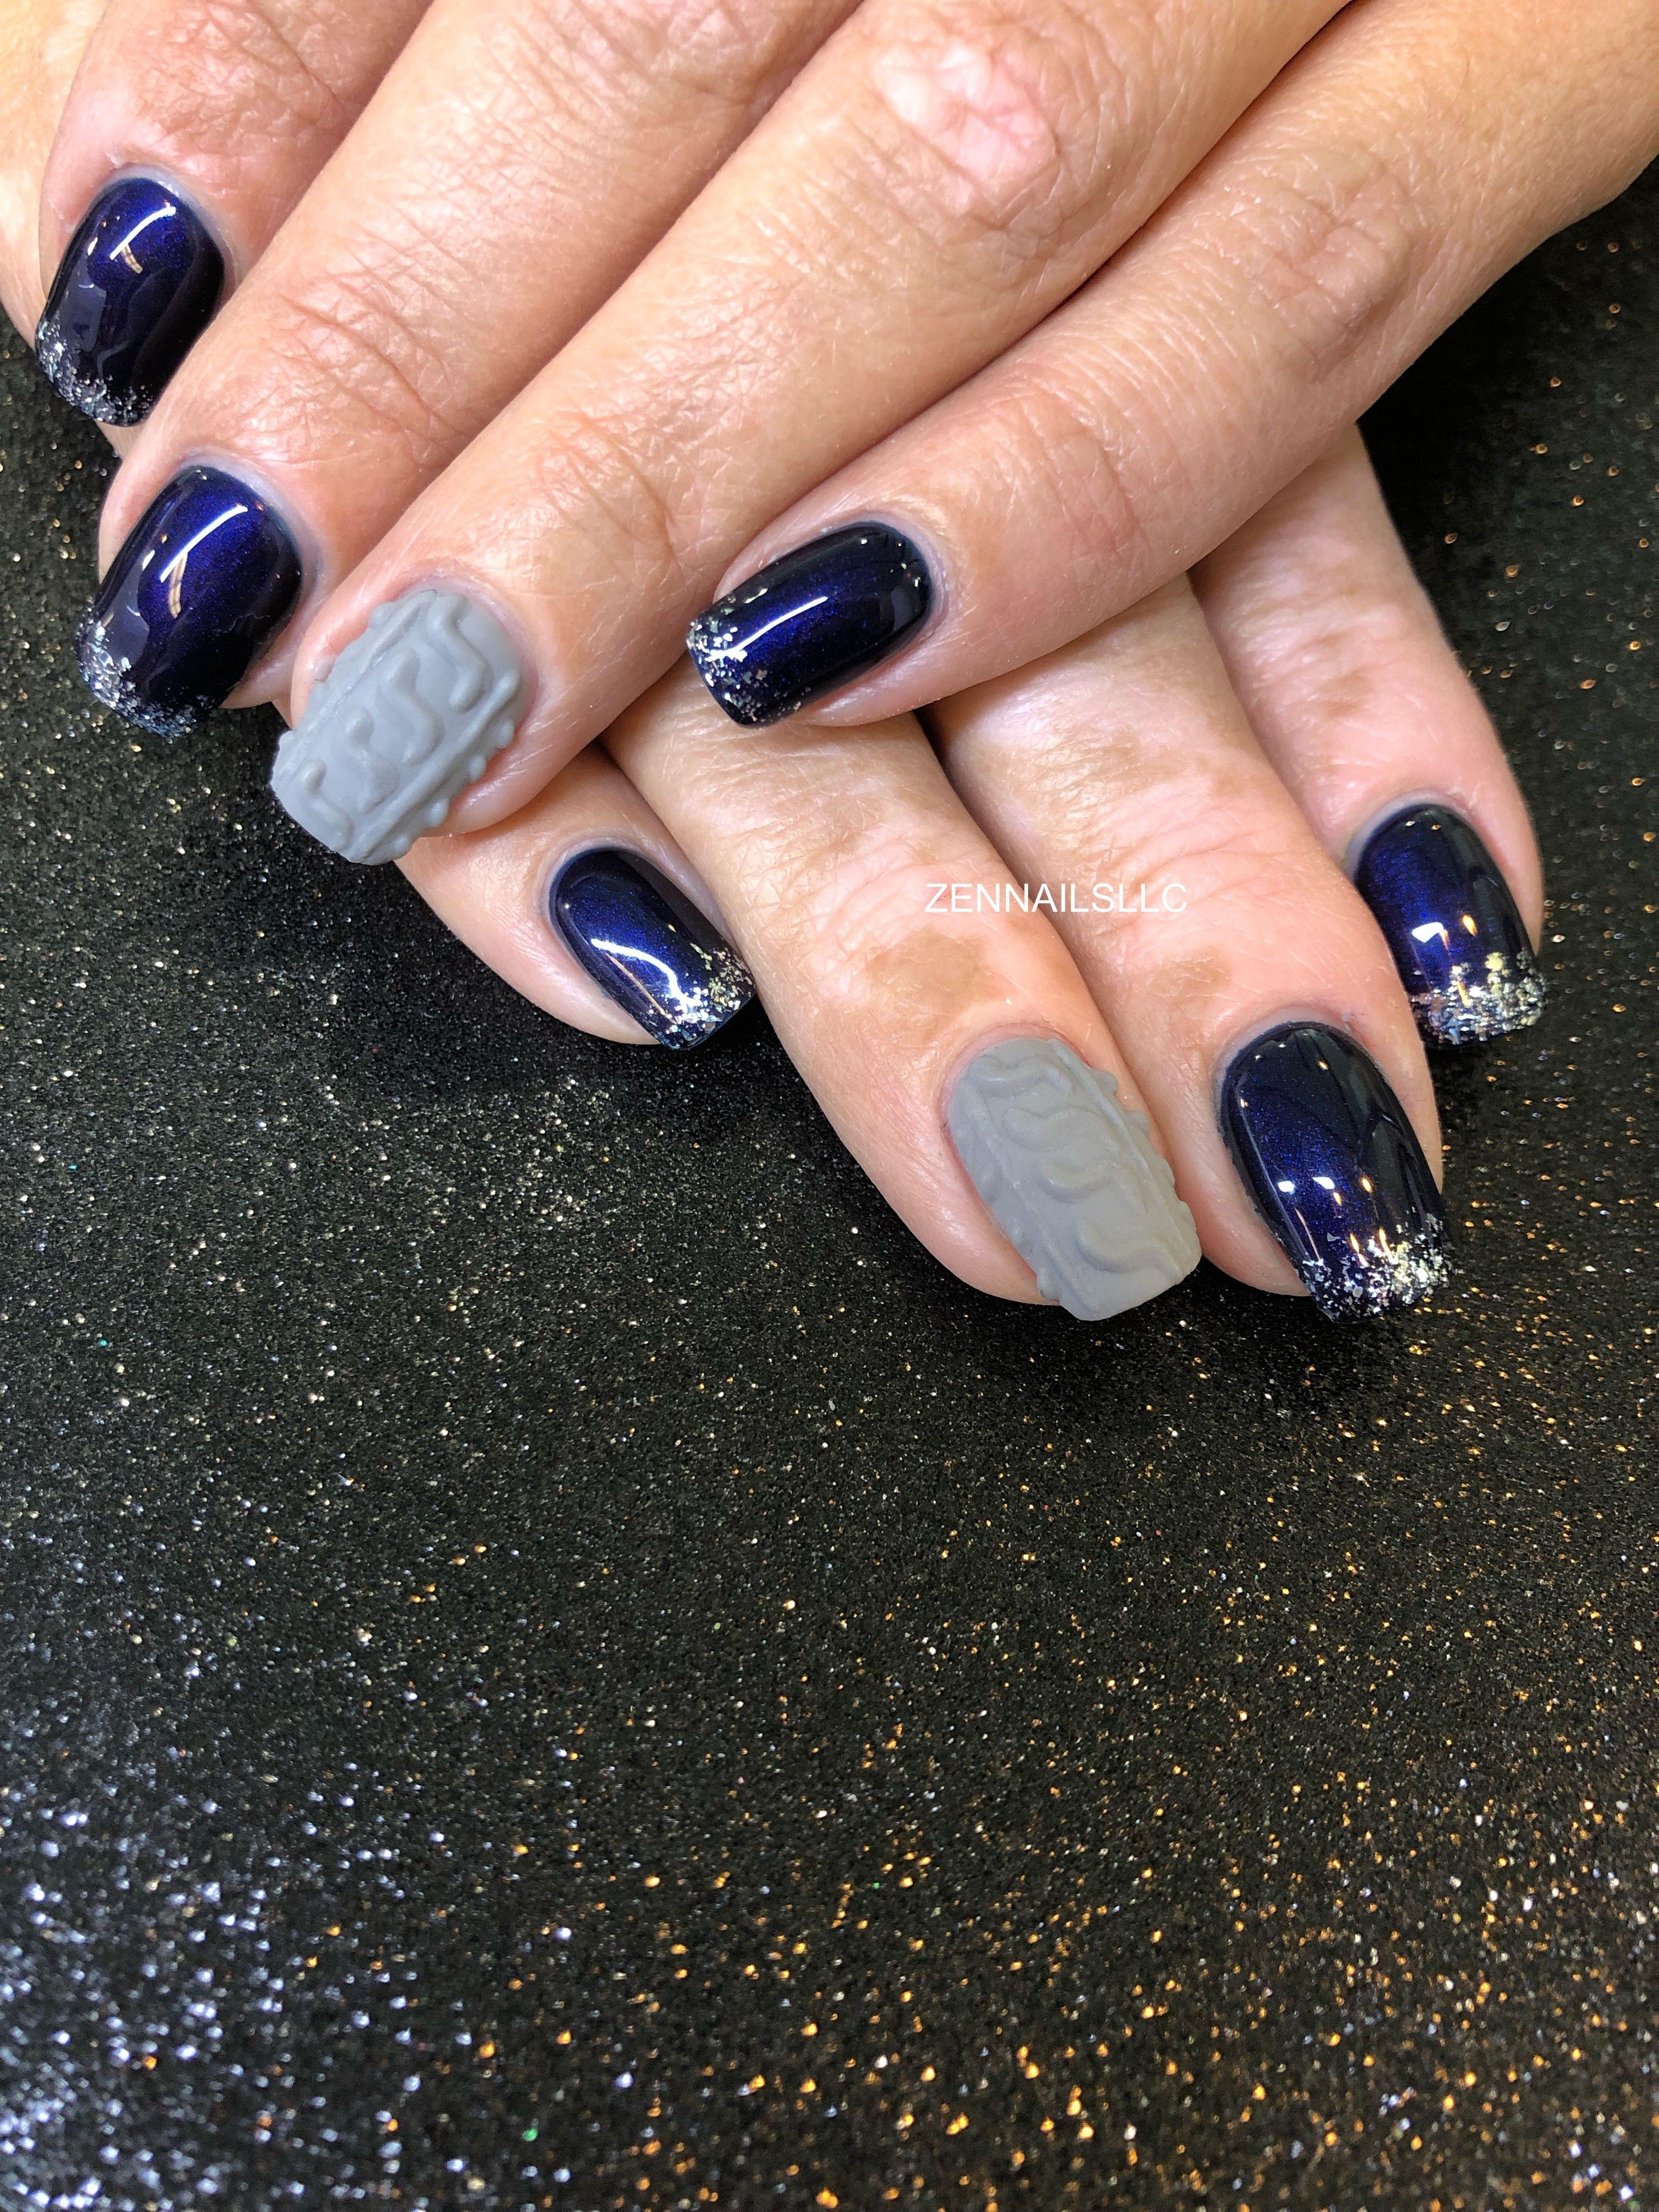 Zen Nails Llc Florence Ky Nail Designs Nails Beautiful Nails